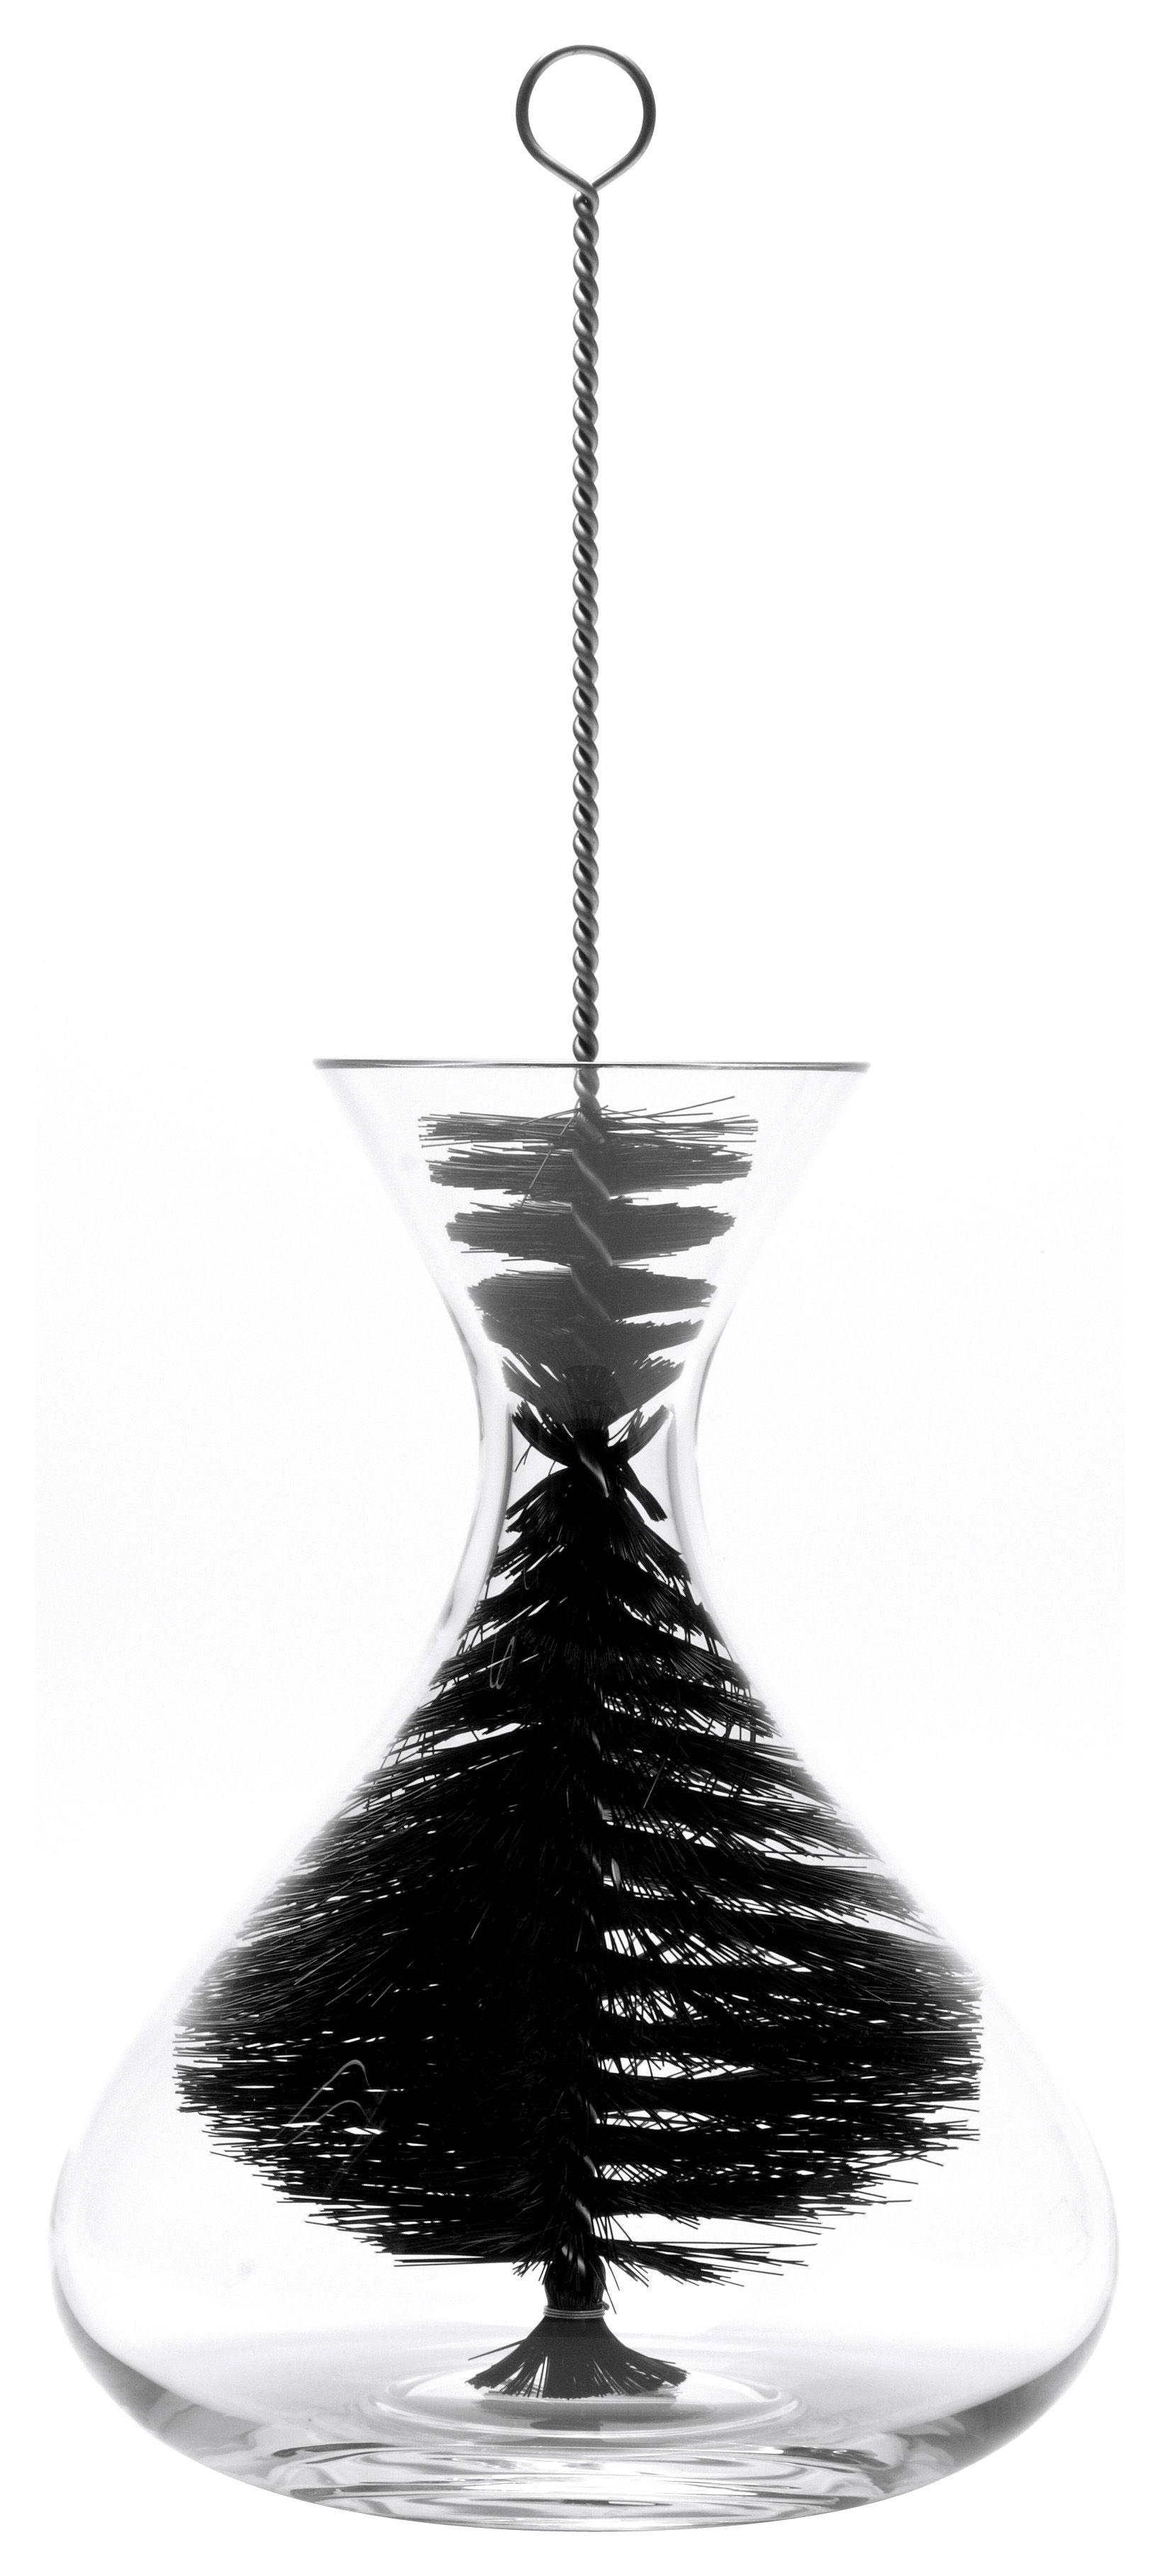 Arts de la table - Carafes et décanteurs - Goupillon Grand Goupillon - L'Atelier du Vin - Noir - Acier, Nylon